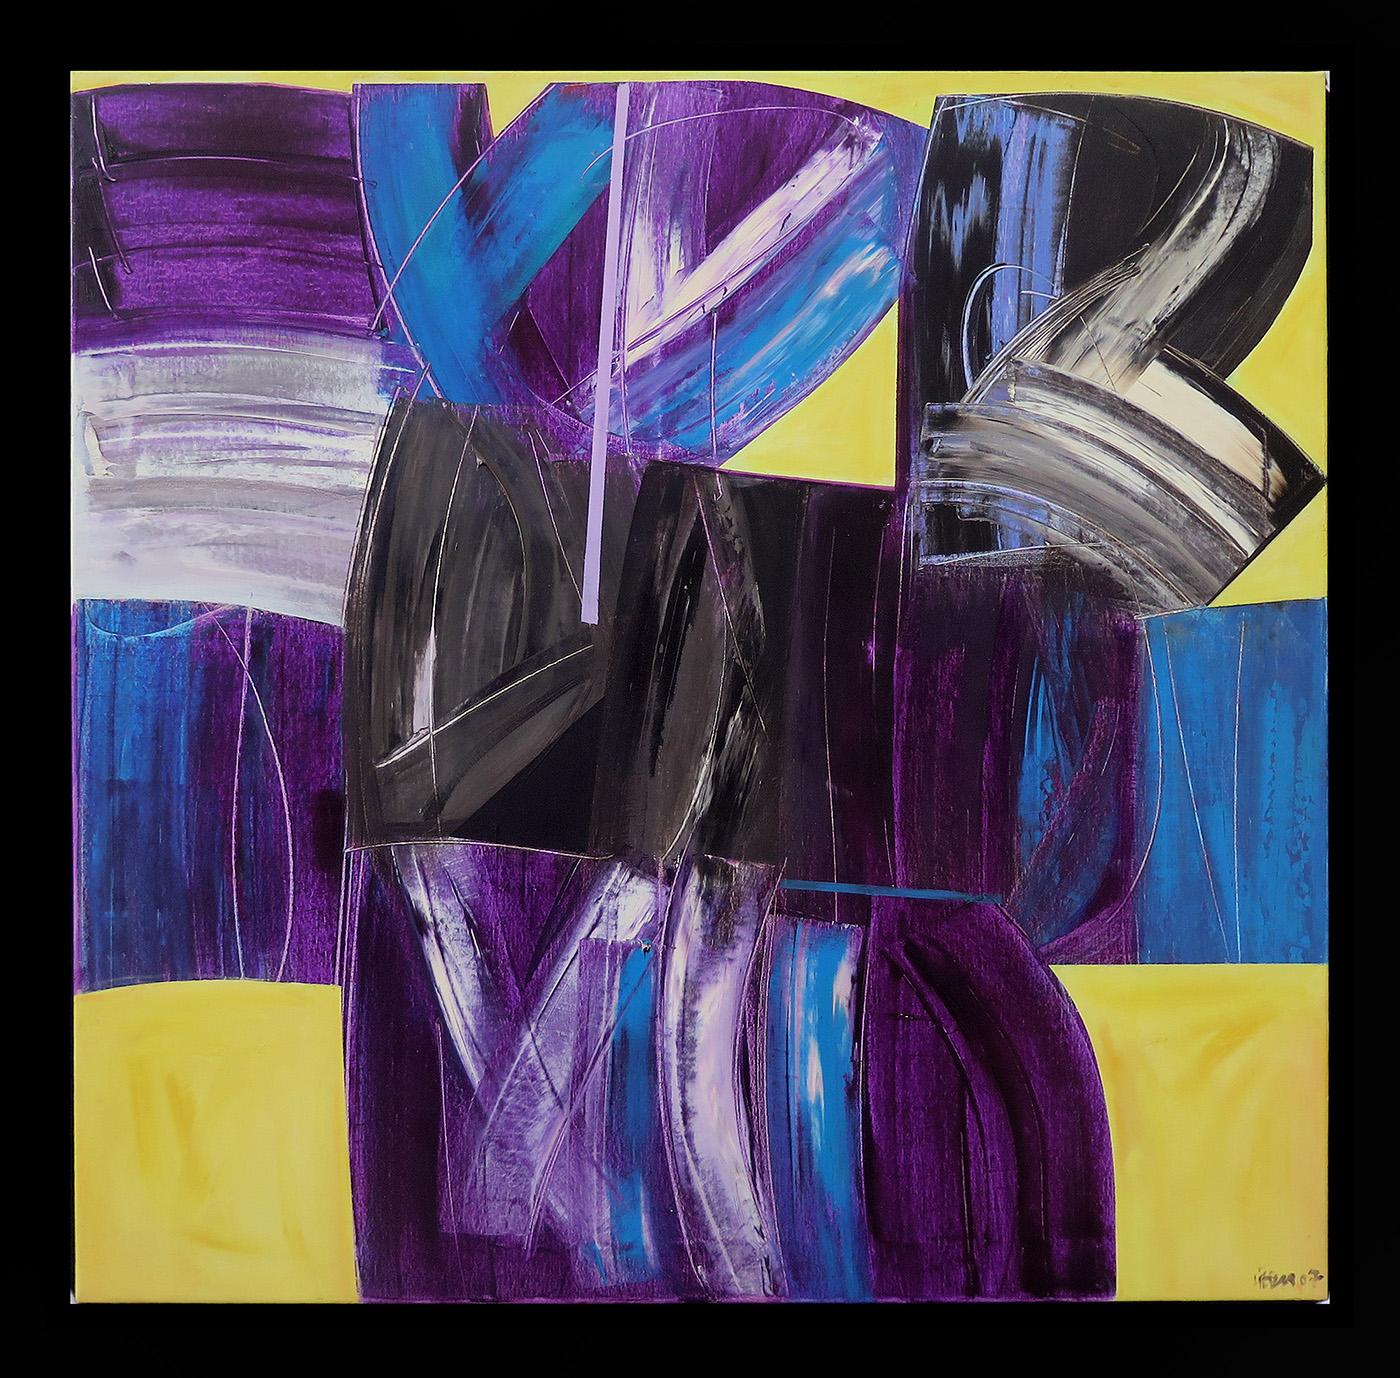 Sem título, óleo sobre tela, 100 x 100 cm, 2007